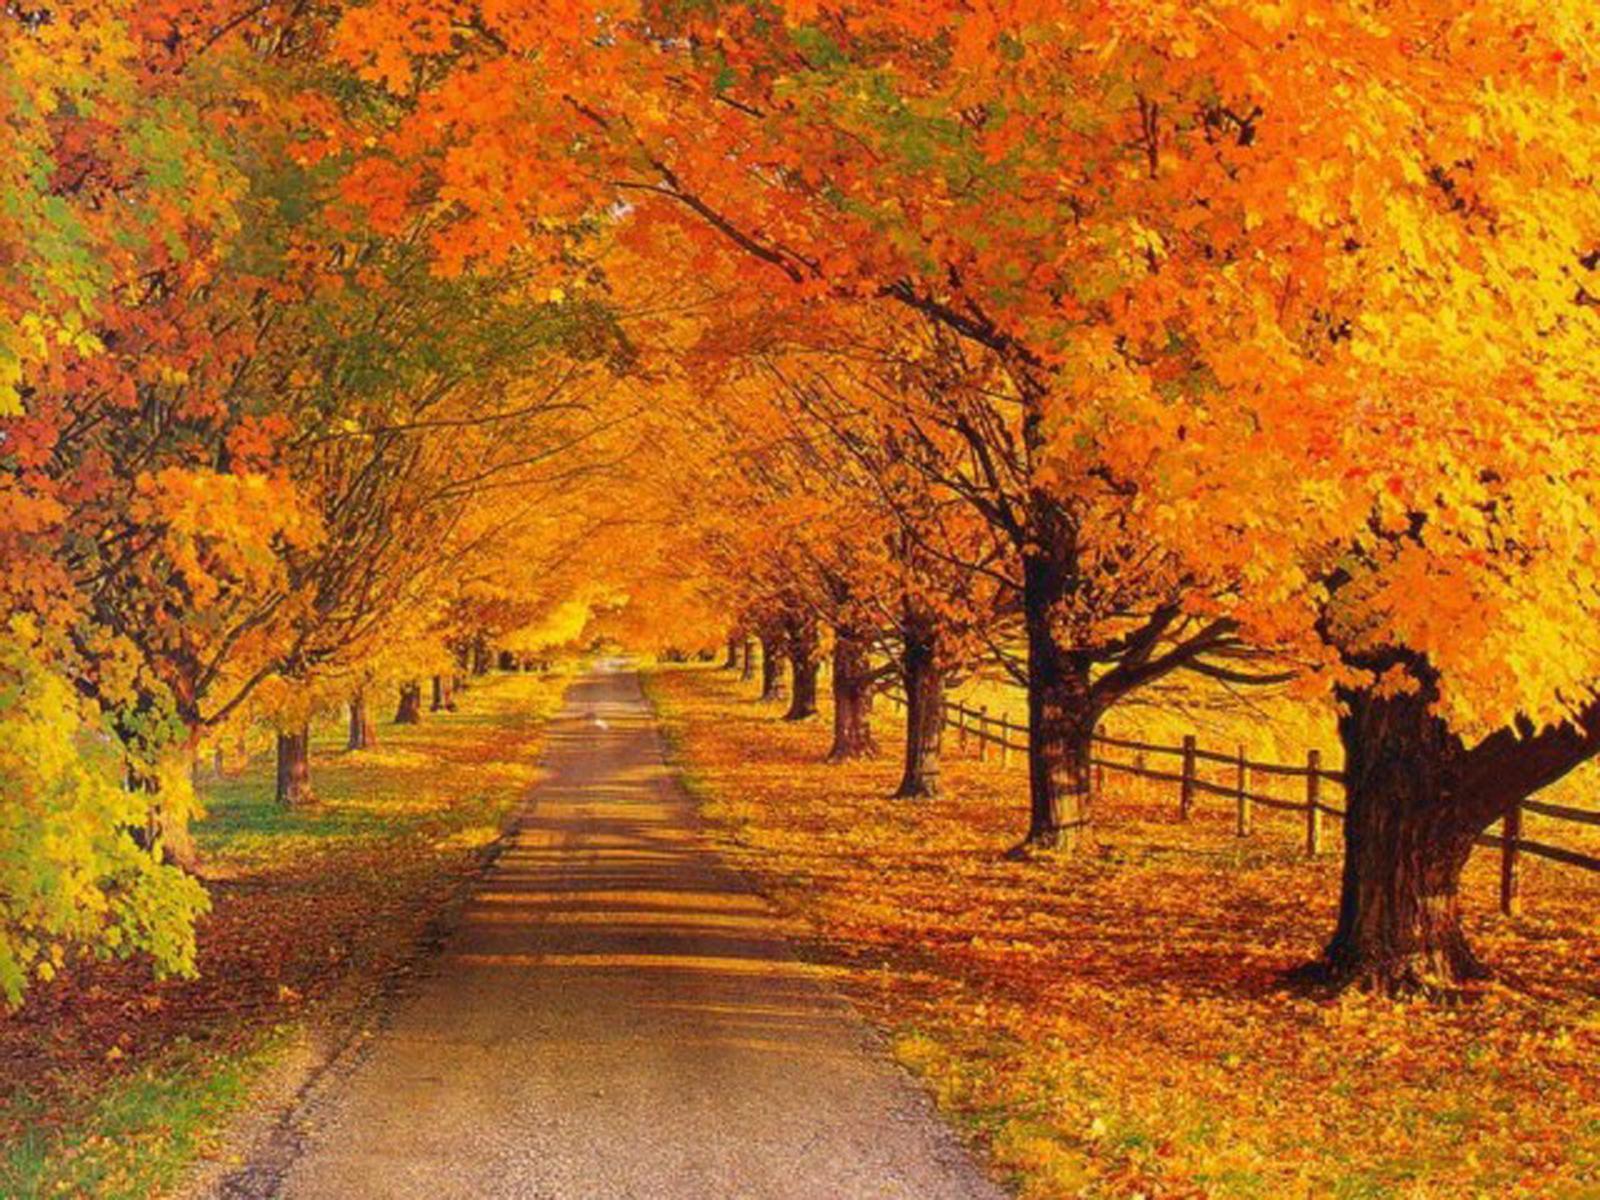 ЛитКульт — Литературный конкурс «Осень. Начало» (голосование!)